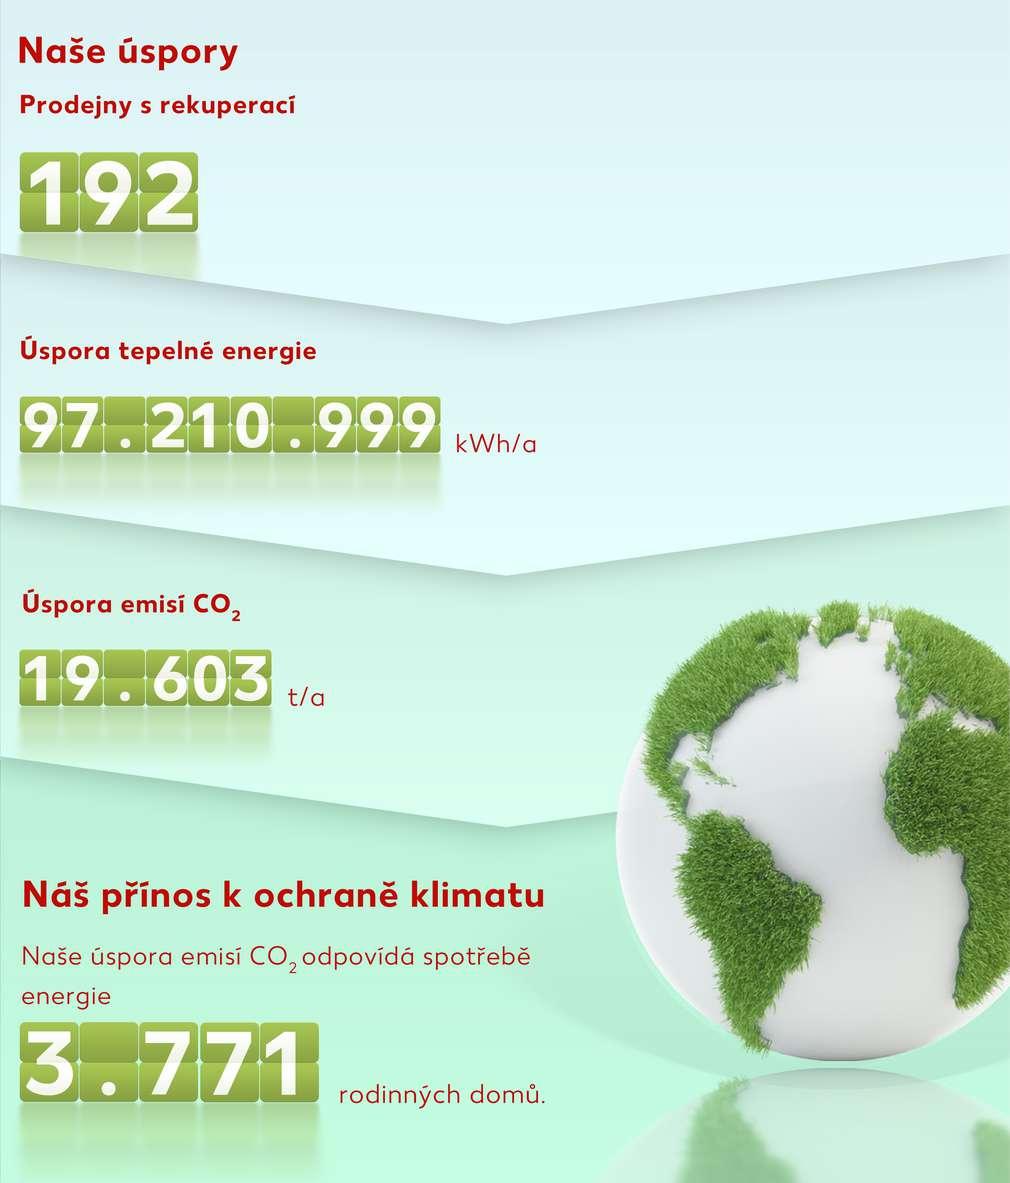 Ekologický ukazatel ušetřených škodlivých emisí při provozu prodejen Kaufland